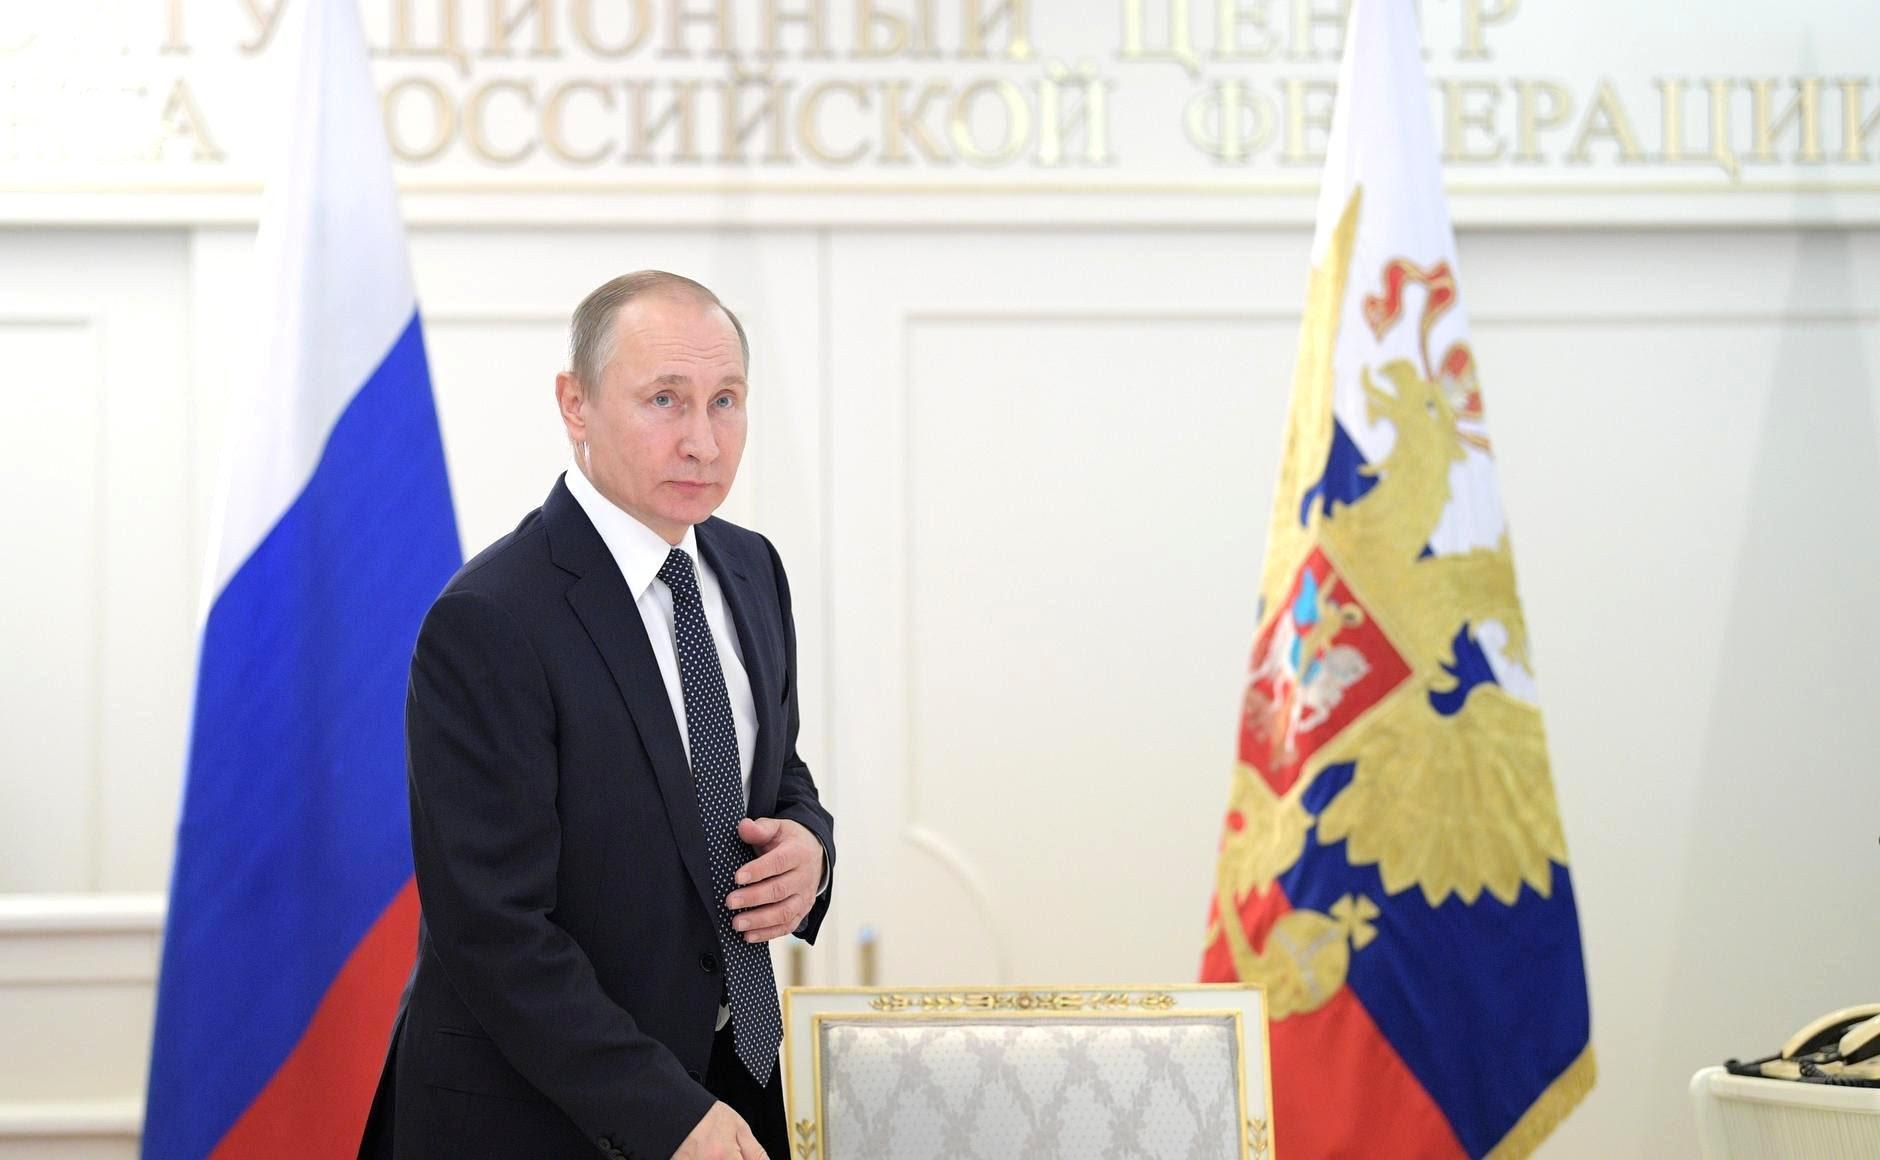 Врежиме видеоконференции Владимир Путин дал старт работе газопровода Бованенково– Ухта-2, нефтепроводов Заполярье– Пурпе иКуюмба– Тайшет.